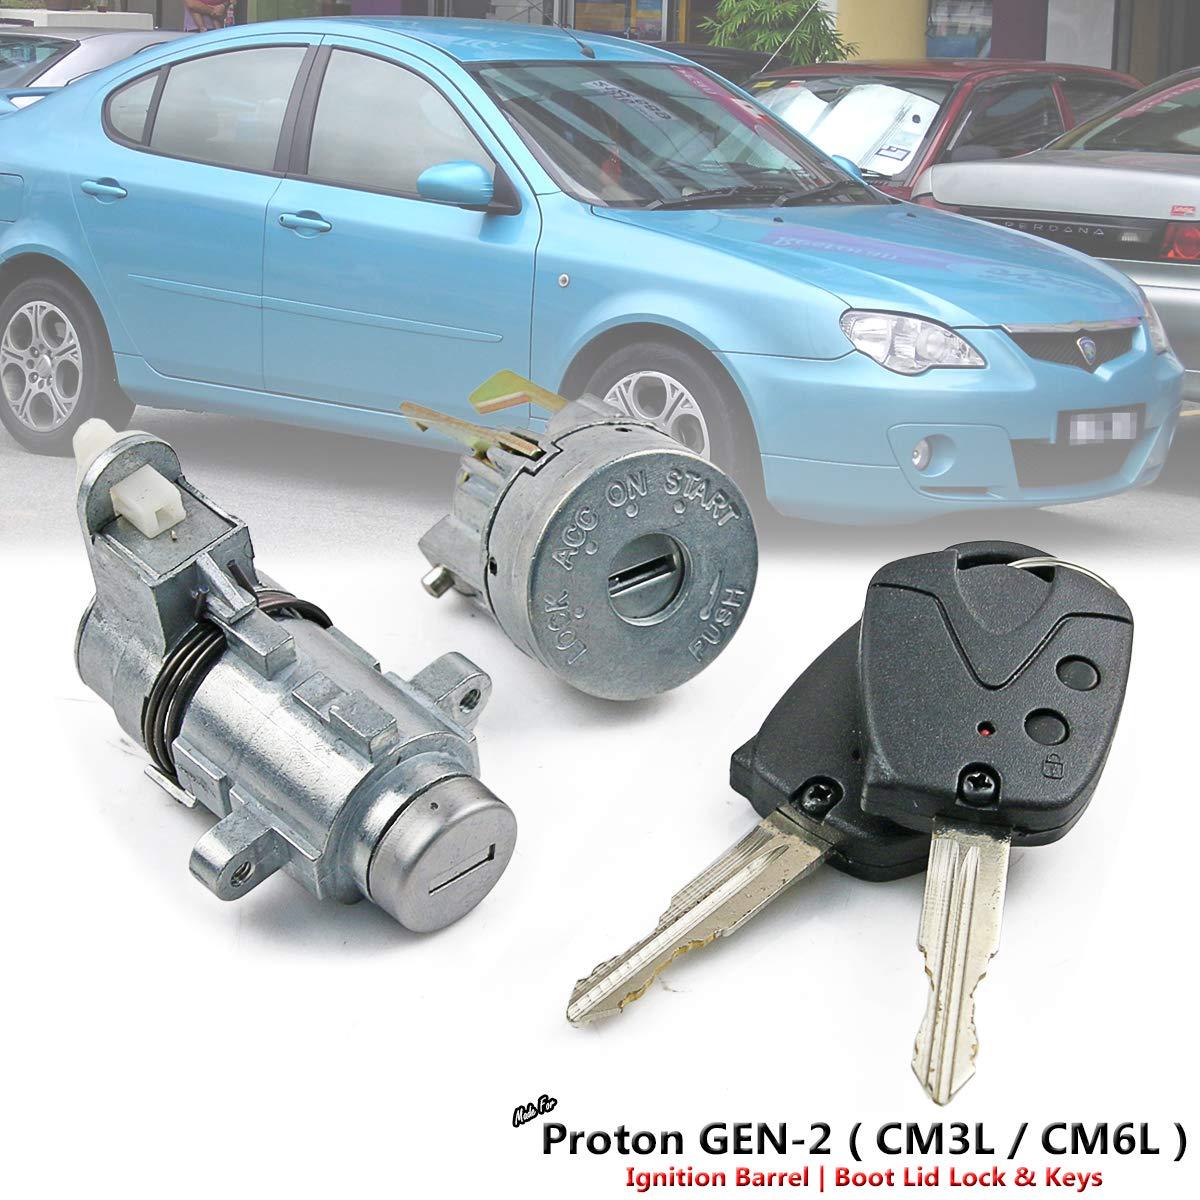 Ignition Barrel & Lid Lock + Key For Proton GEN-2 GEN2 CM3L CM6L 04-12 PW891474 by D&D (Drag & Drift)